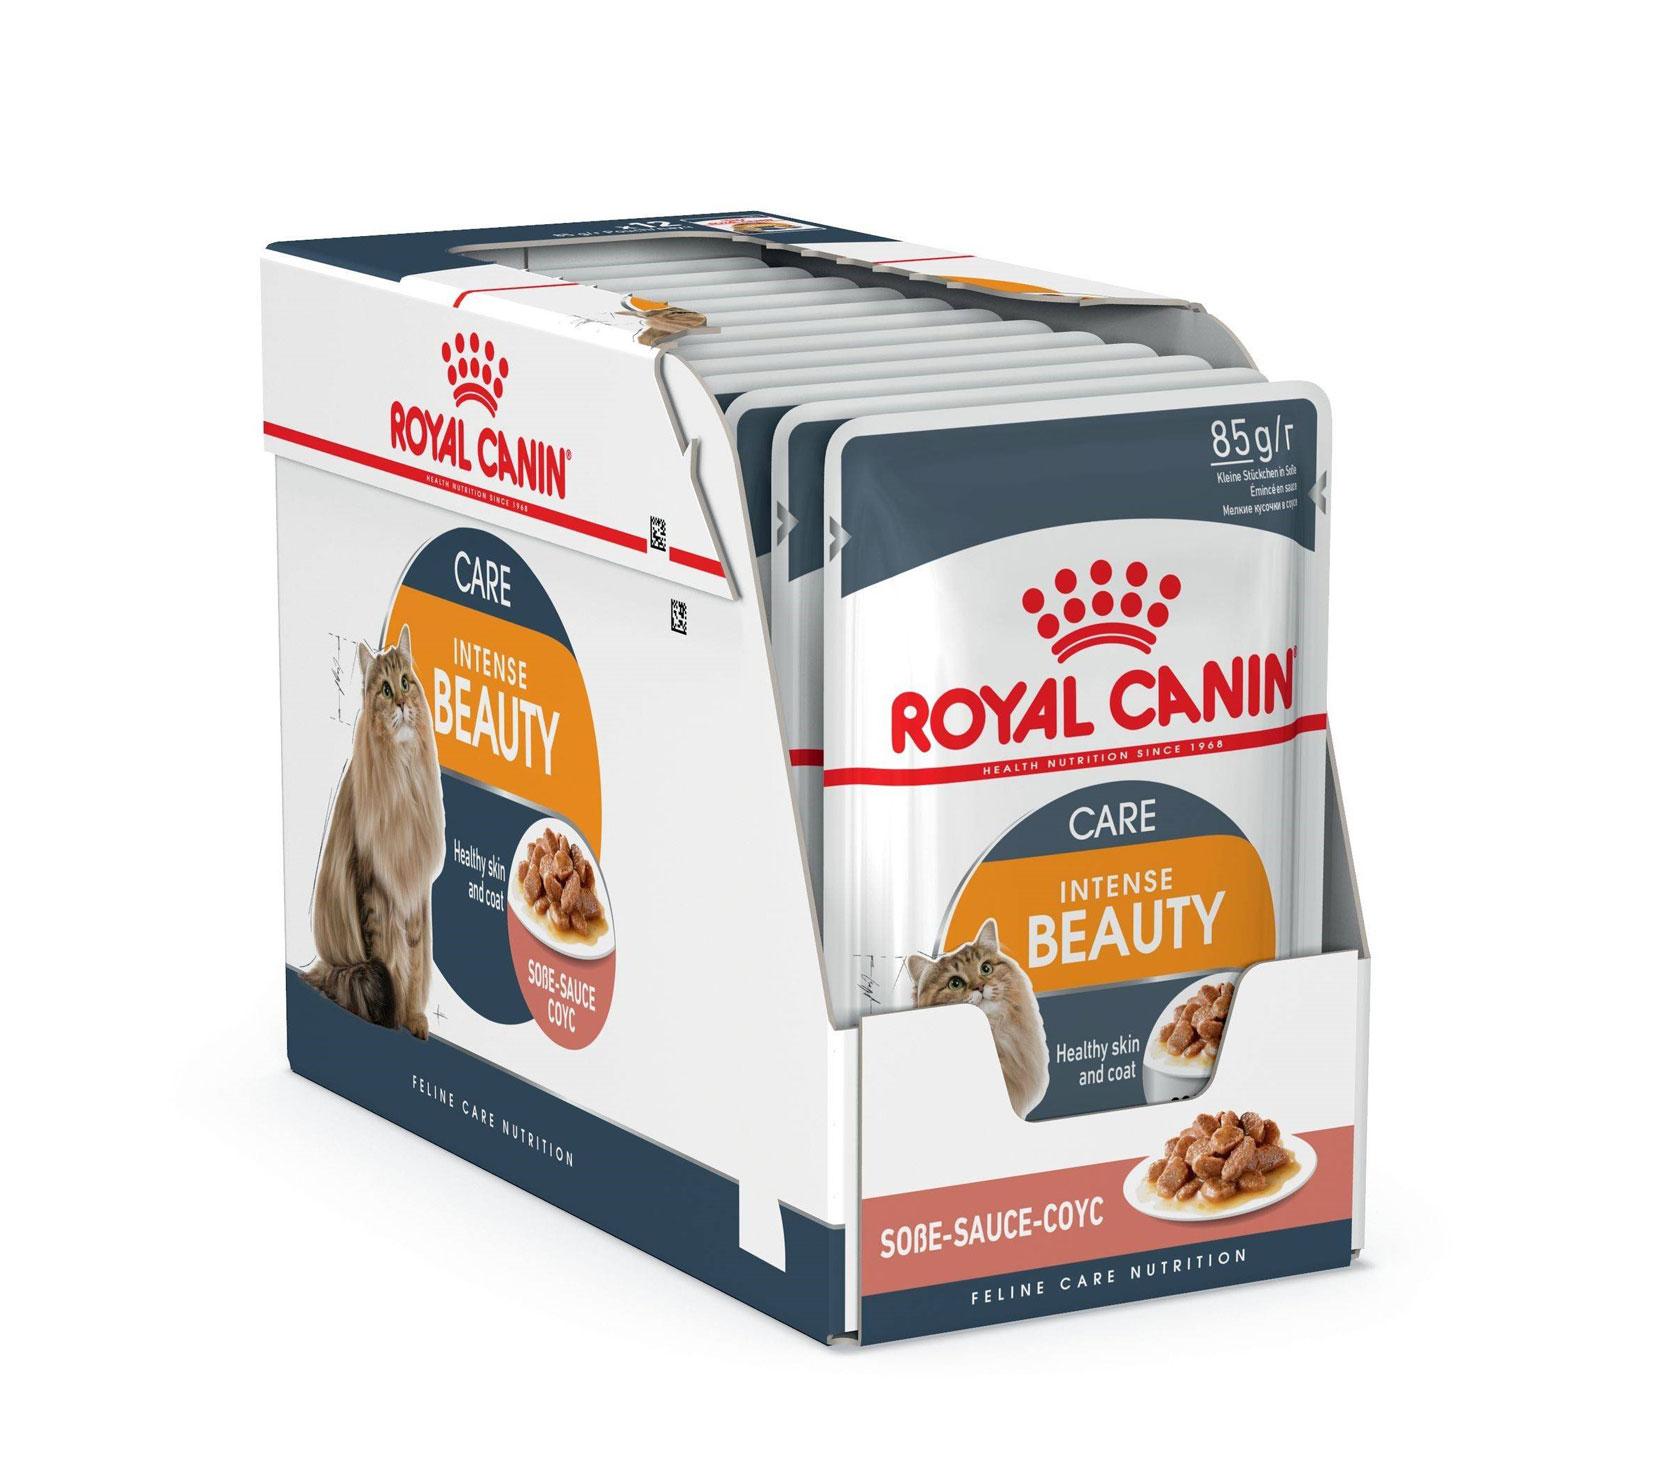 ROYAL CANIN INTENSE BEAUTY CARE wet in gravy – вологий корм, шматочки в соусі, для дорослих котів для підтримки краси шерсті